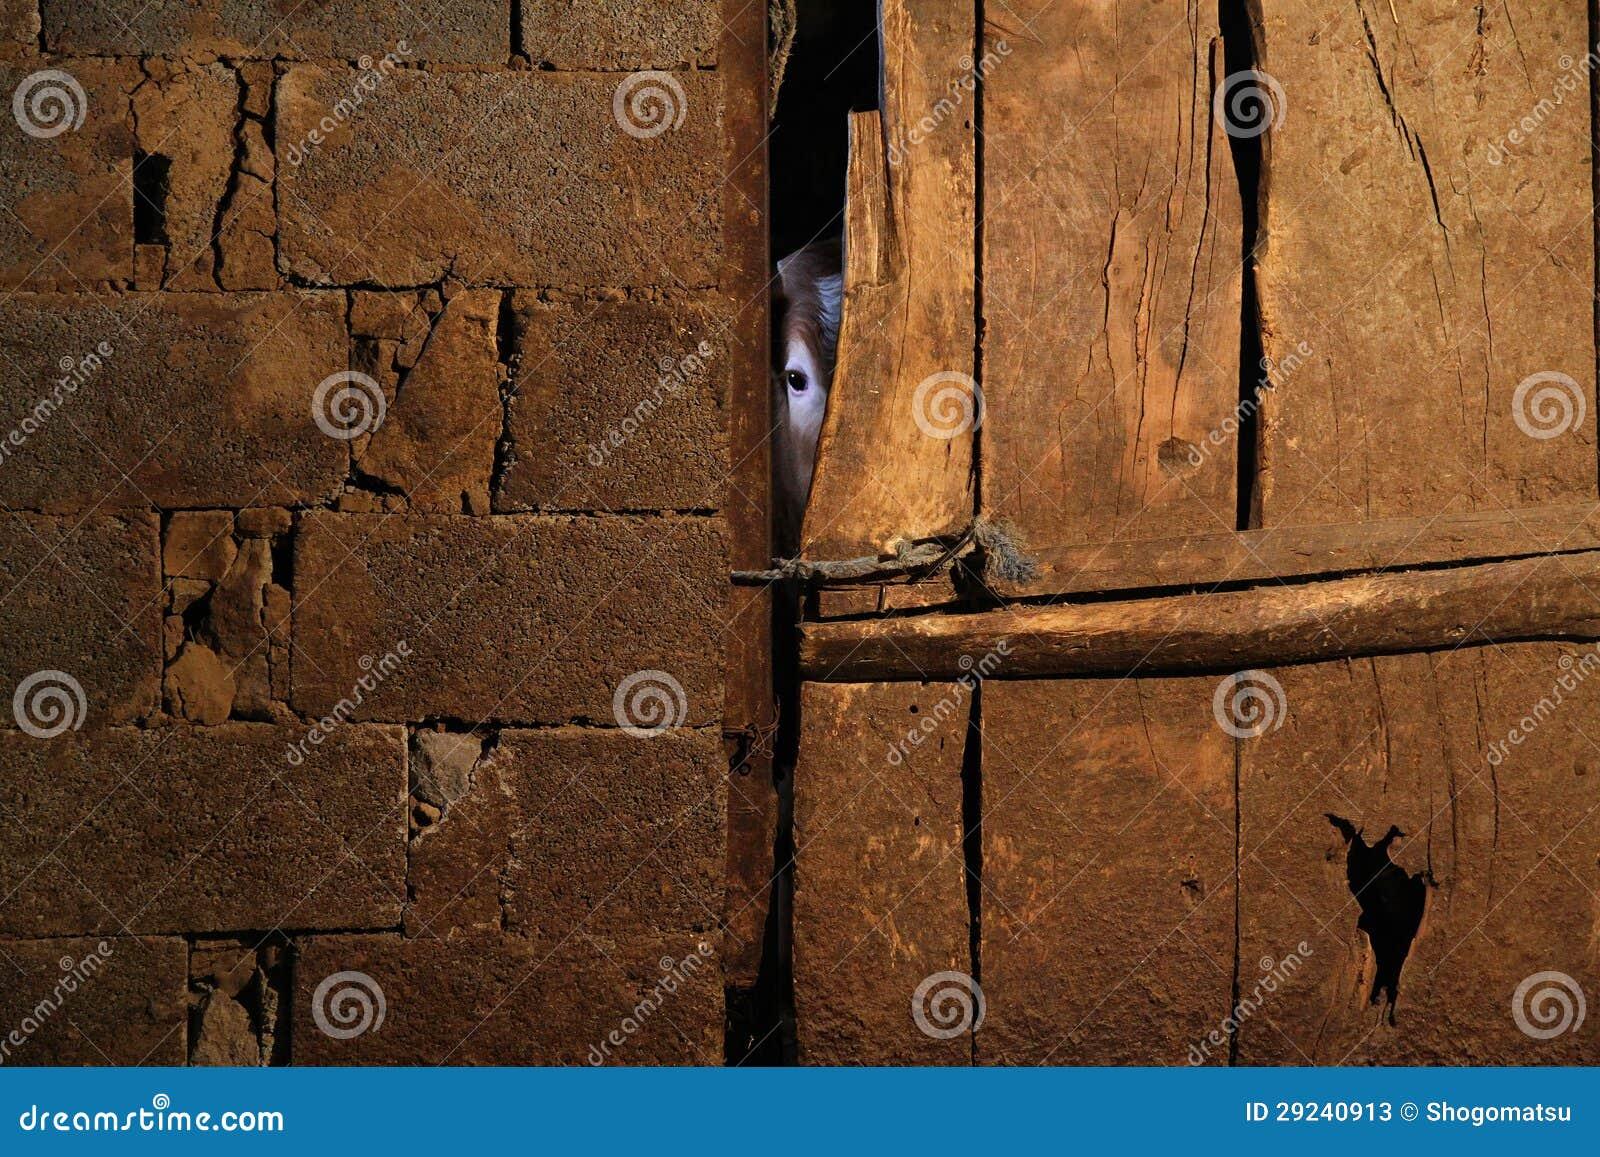 Download Espreitando a vaca imagem de stock. Imagem de pedra, vaca - 29240913